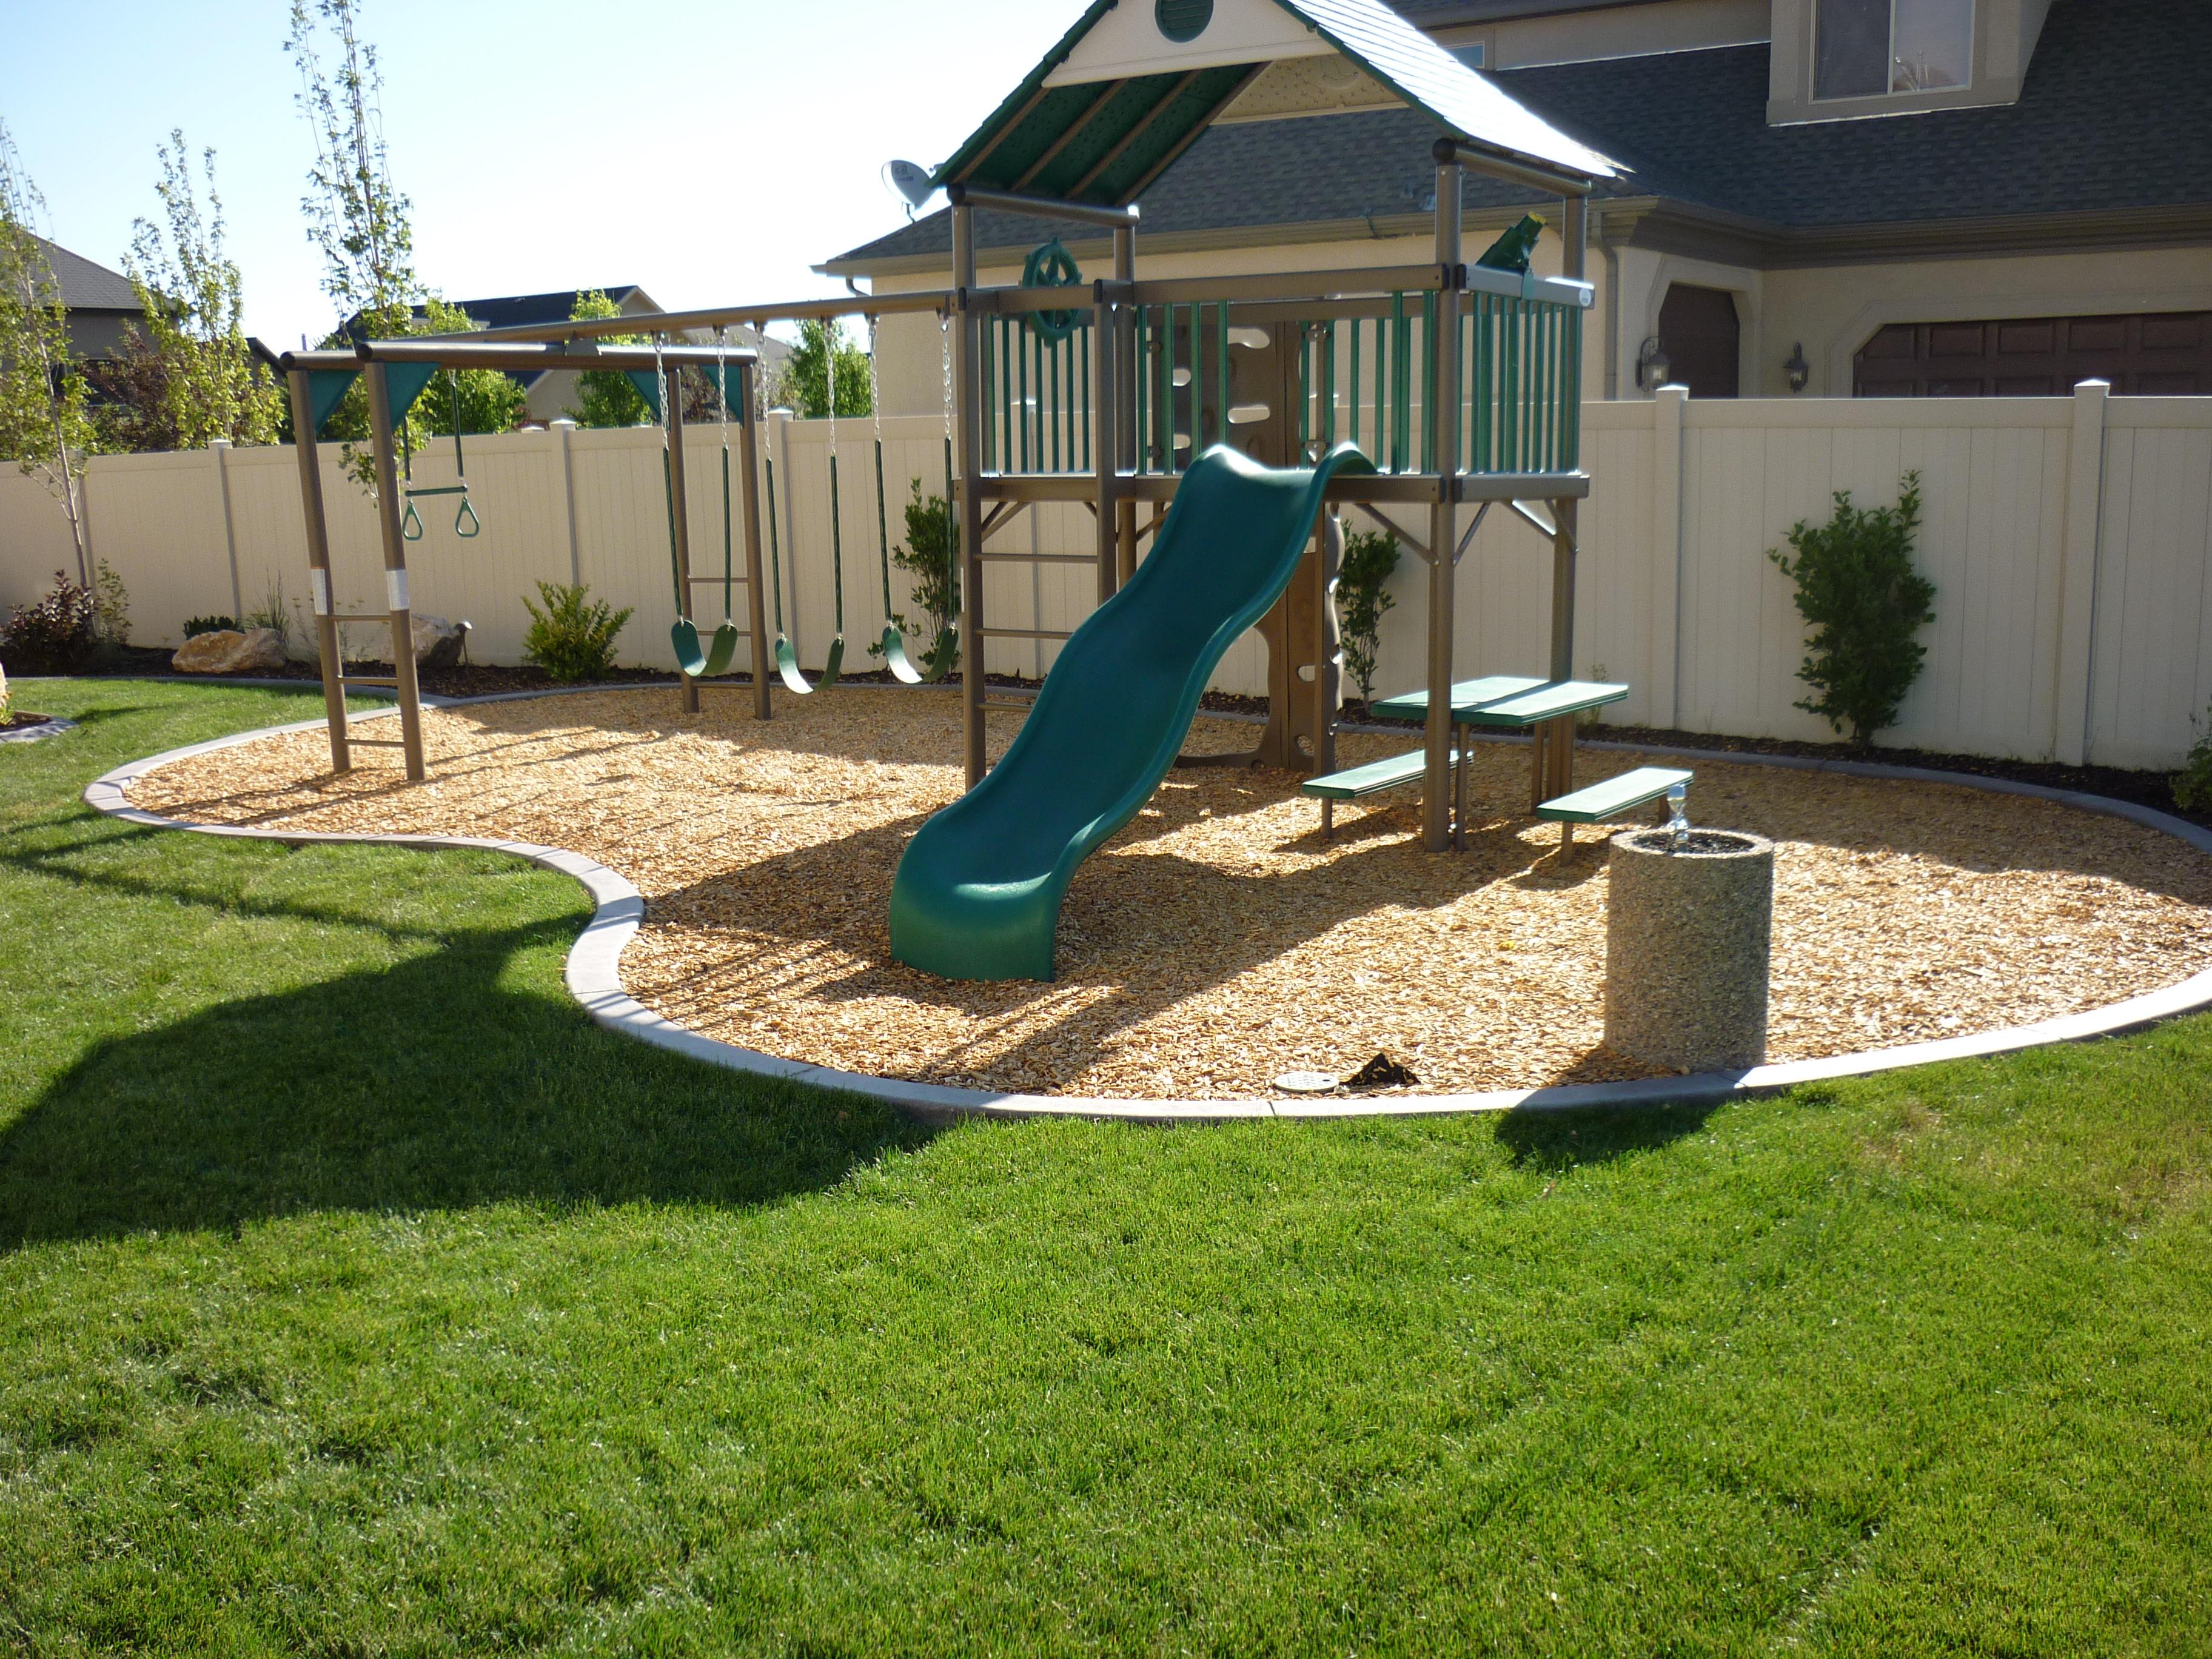 kid friendly garden design ideas photo - 9